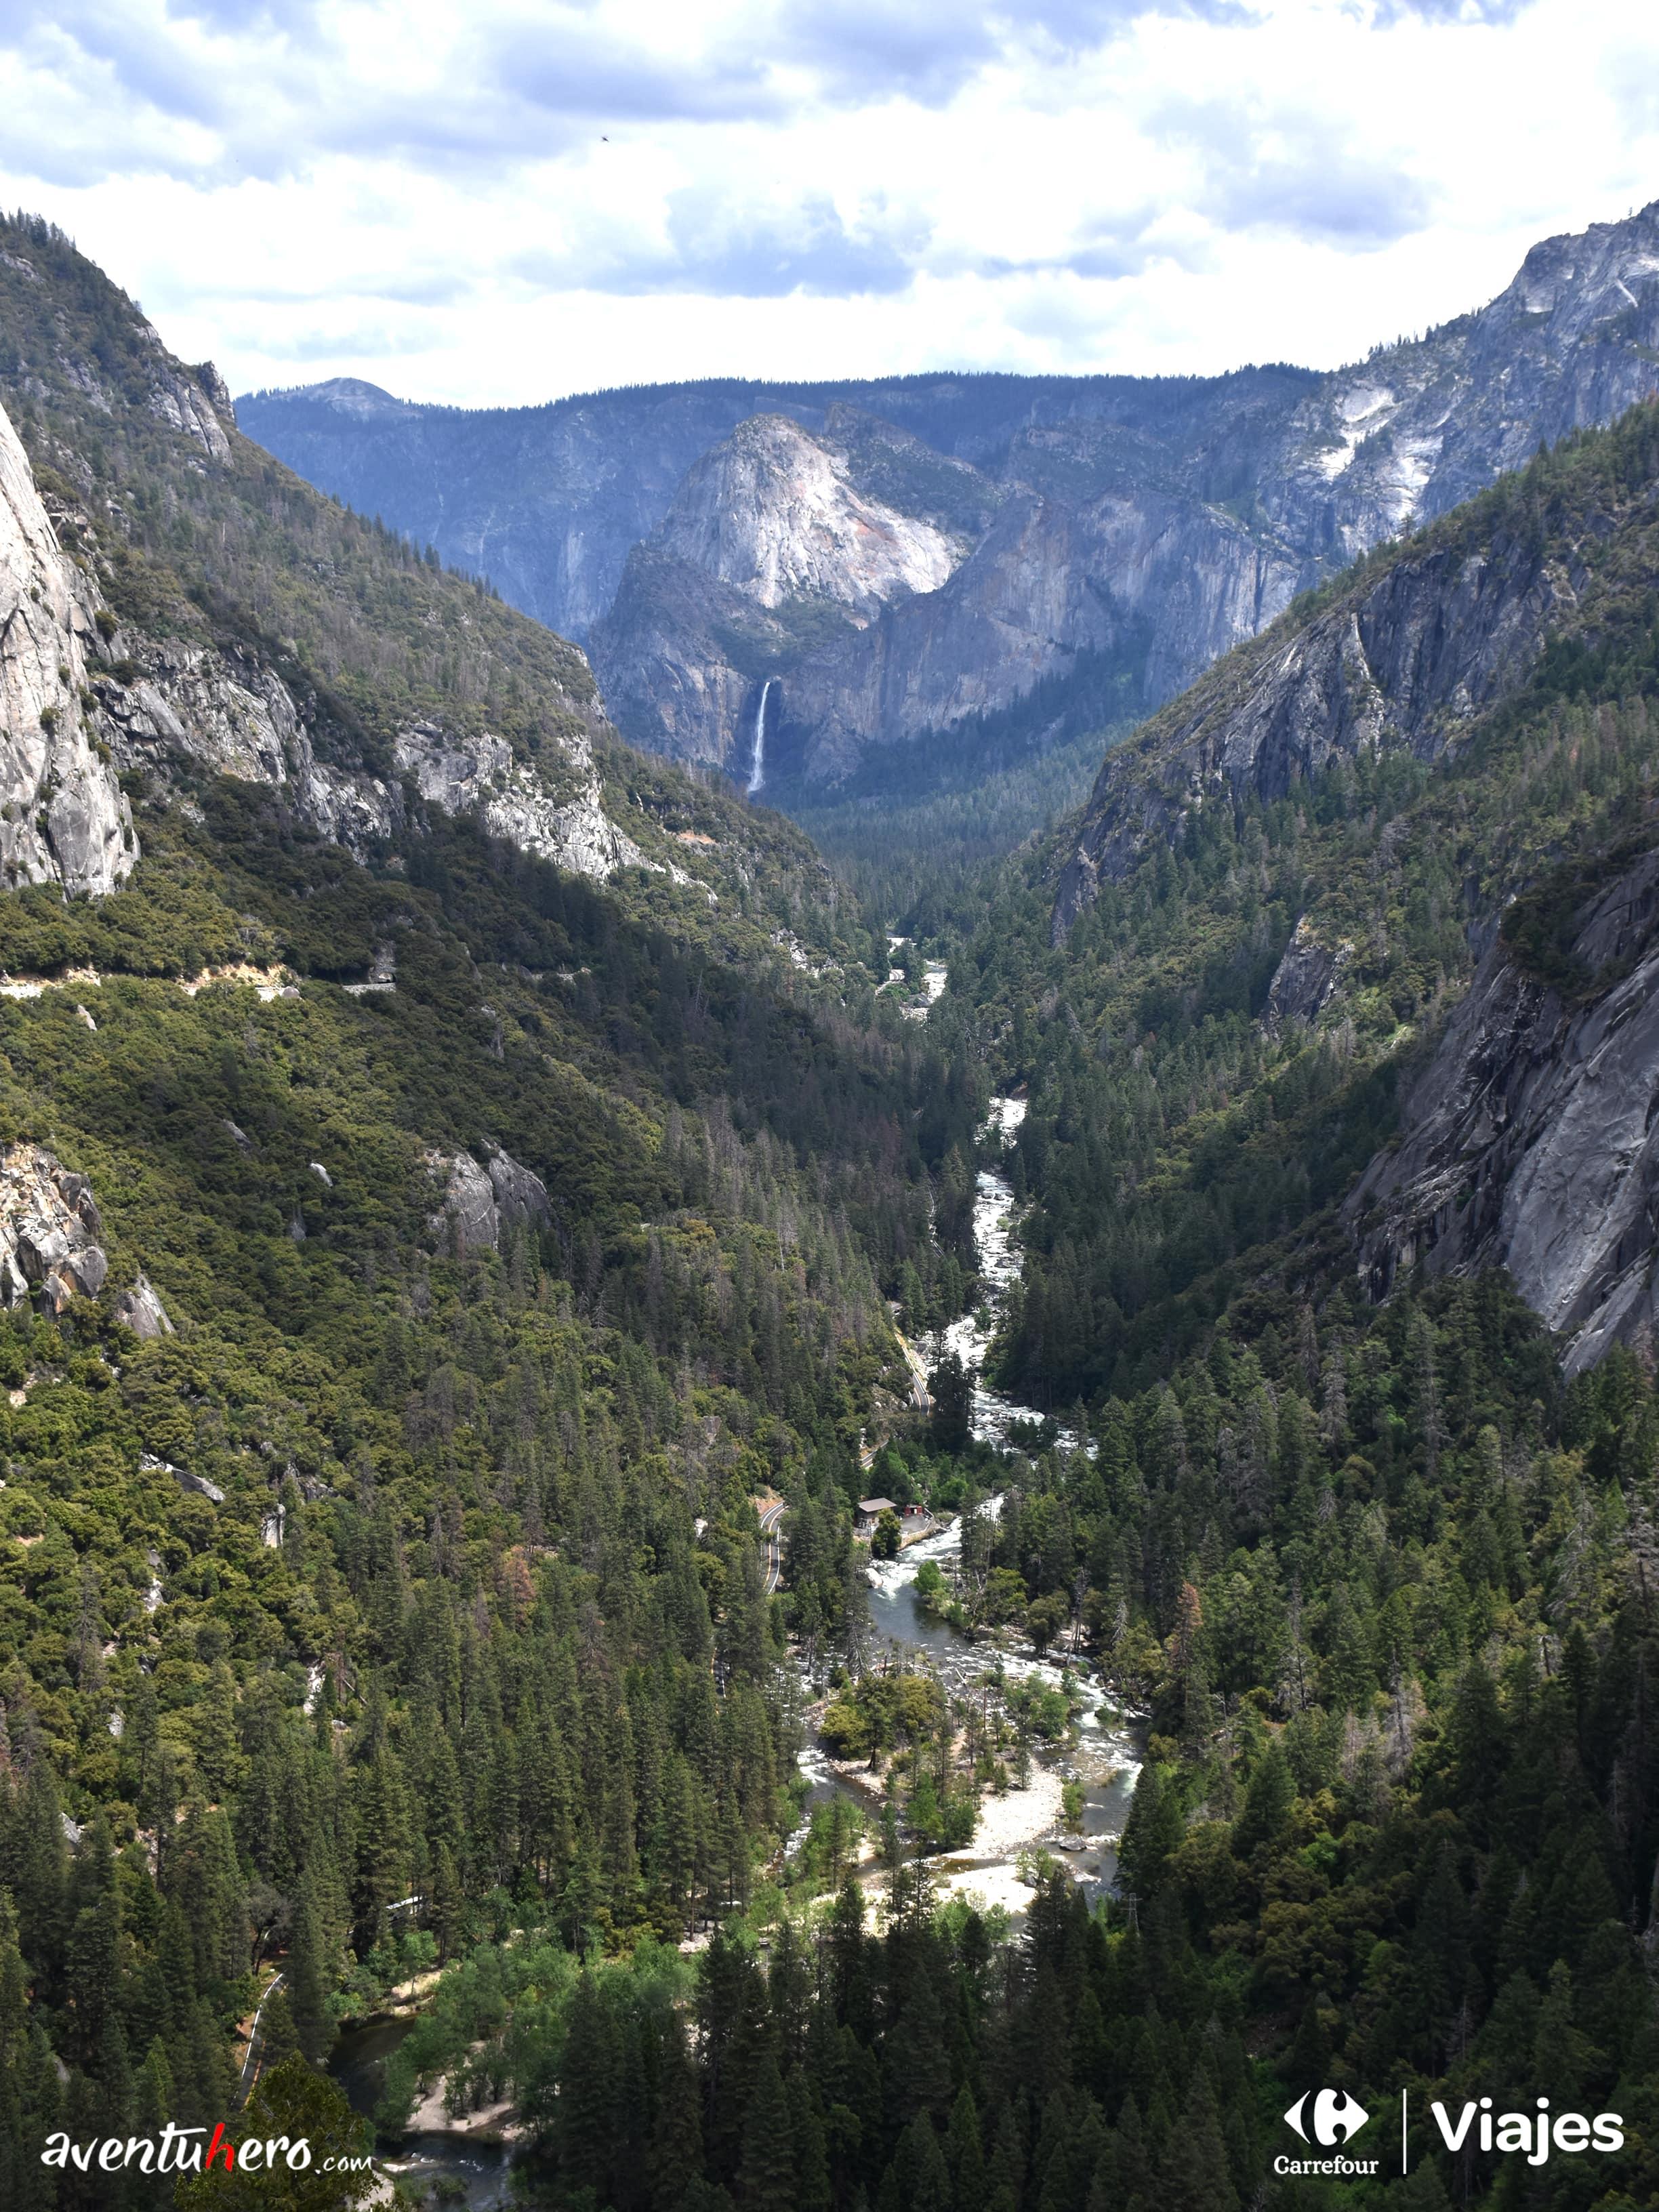 Vista general de Yosemite Valley